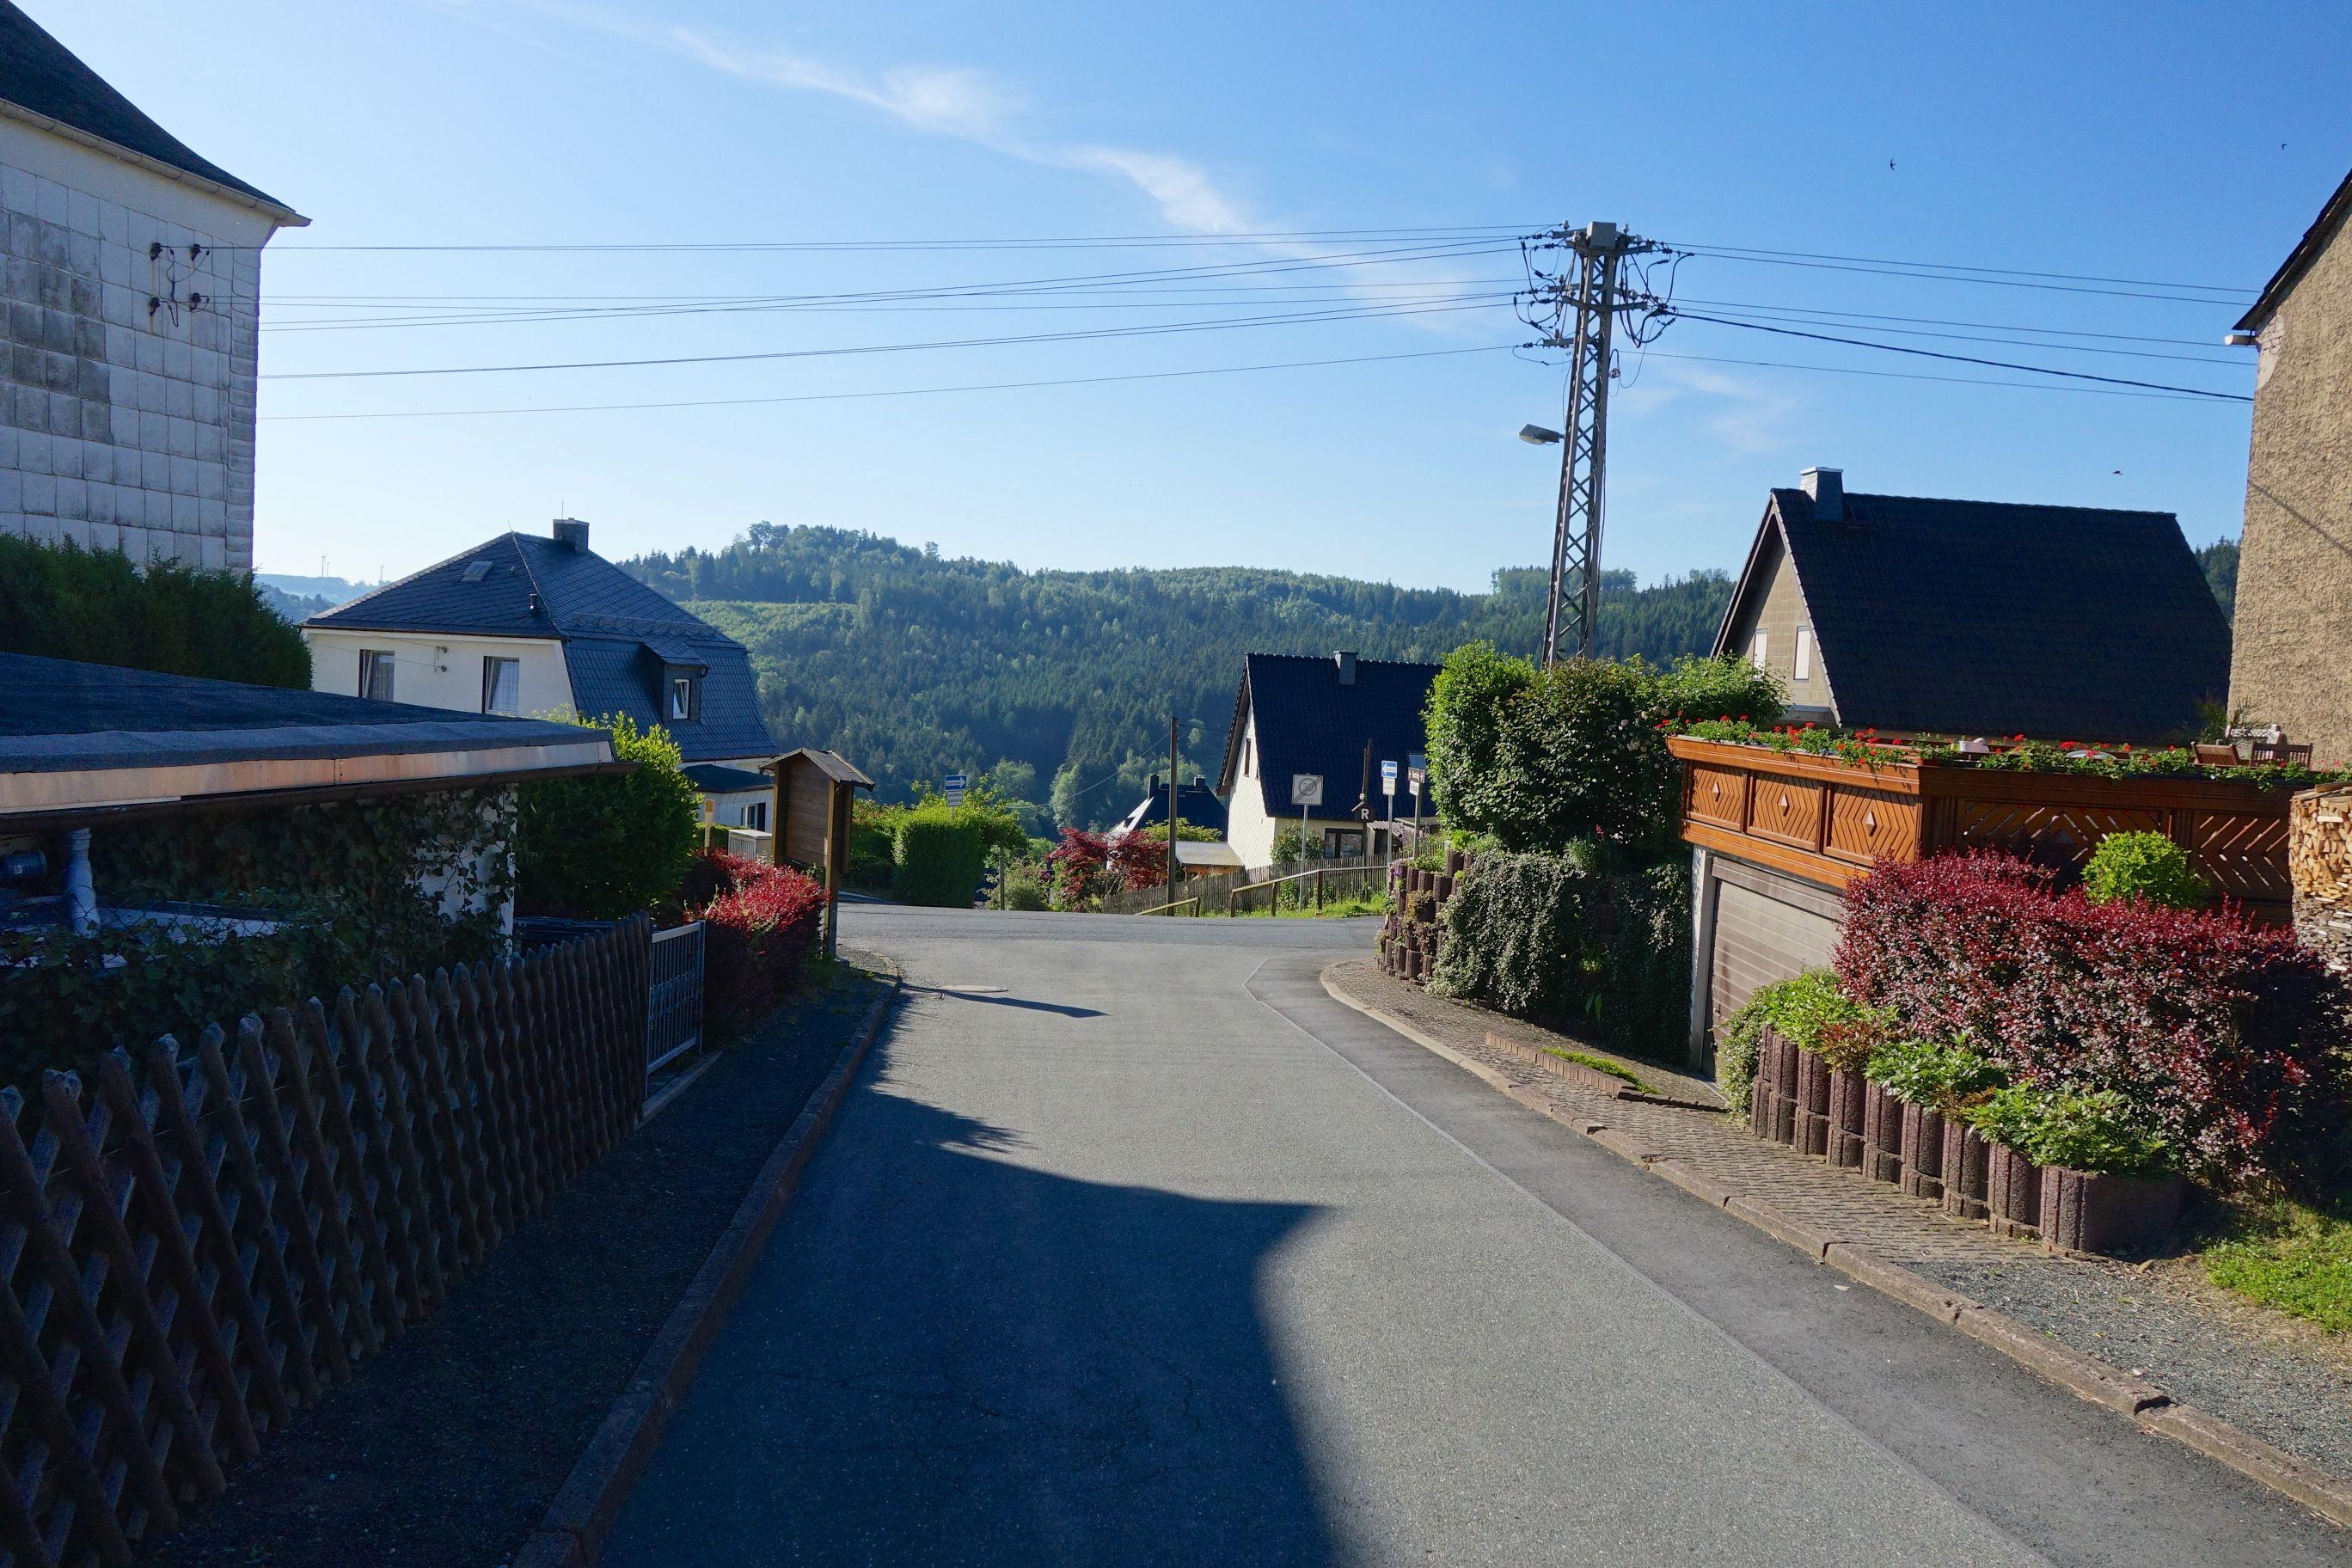 Blankenstein - Mein Startort auf dem Rennsteig